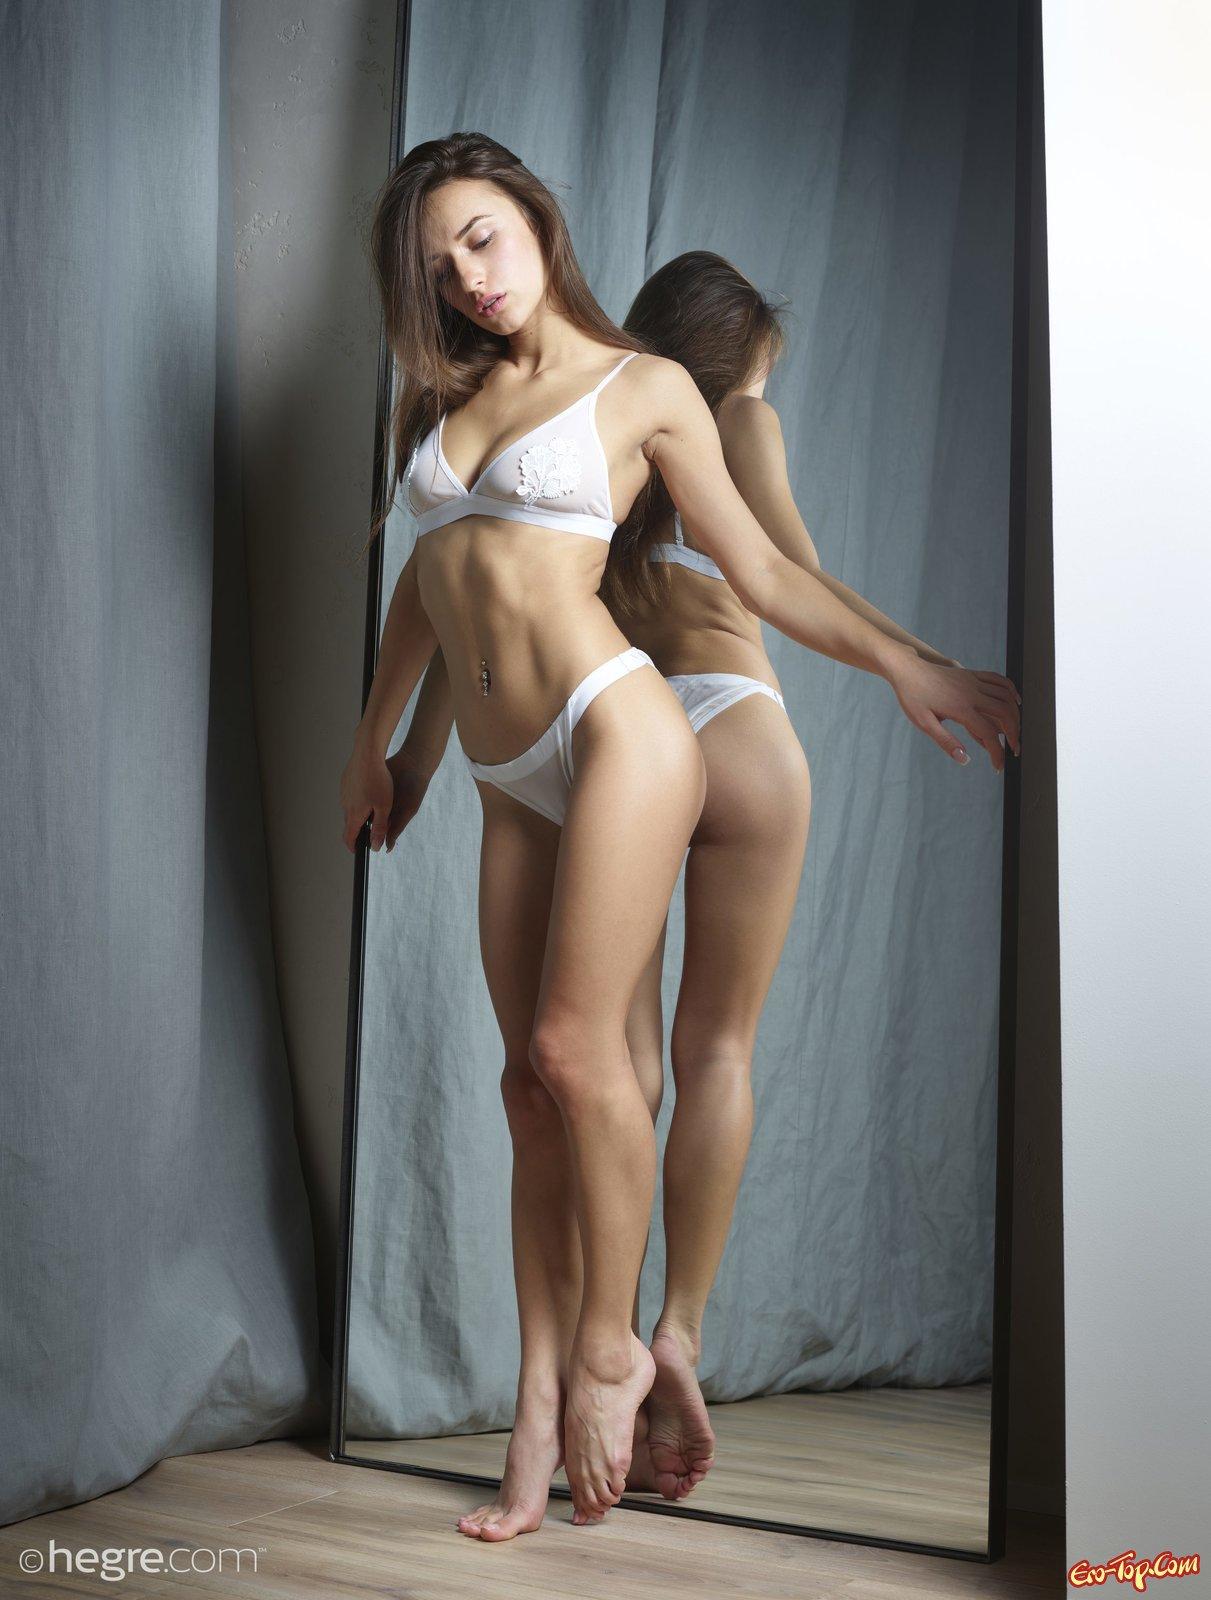 Барышня снимается перед зеркалом в нижнем белье